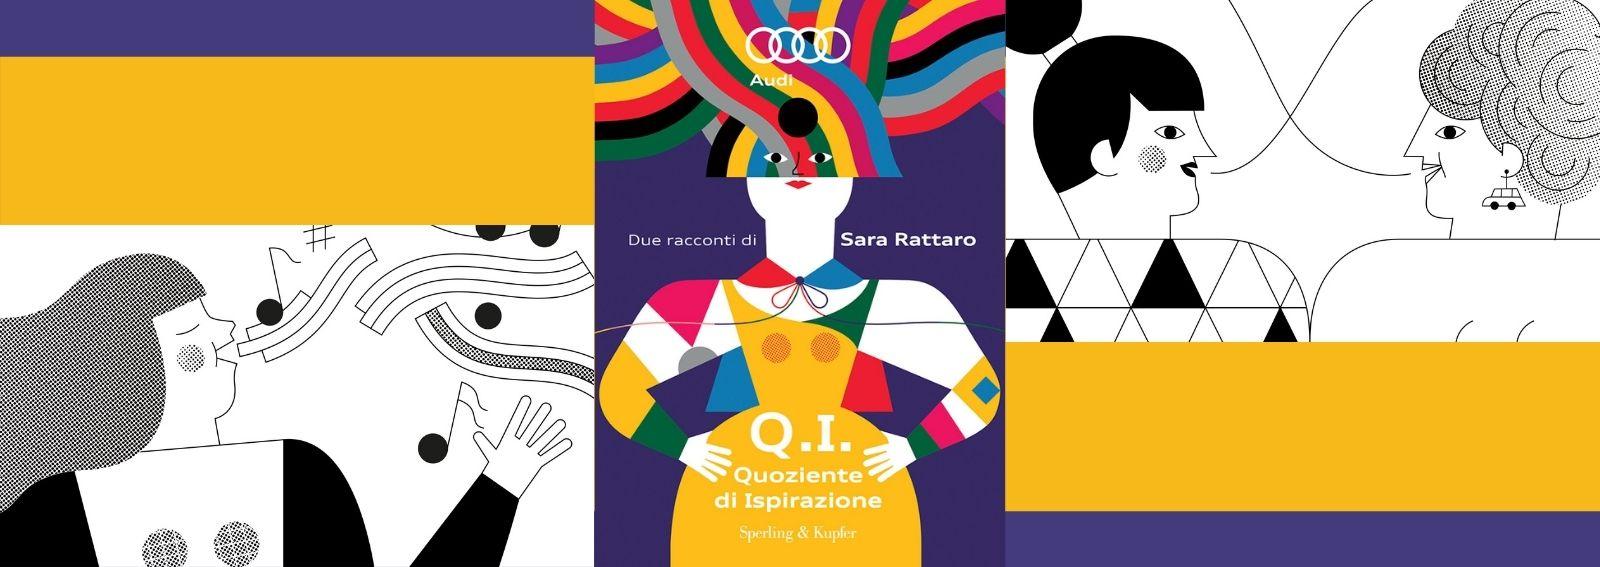 Audi per BookCity Q.I. Quoziente di ispirazione libro di Sara Rattaro DESK